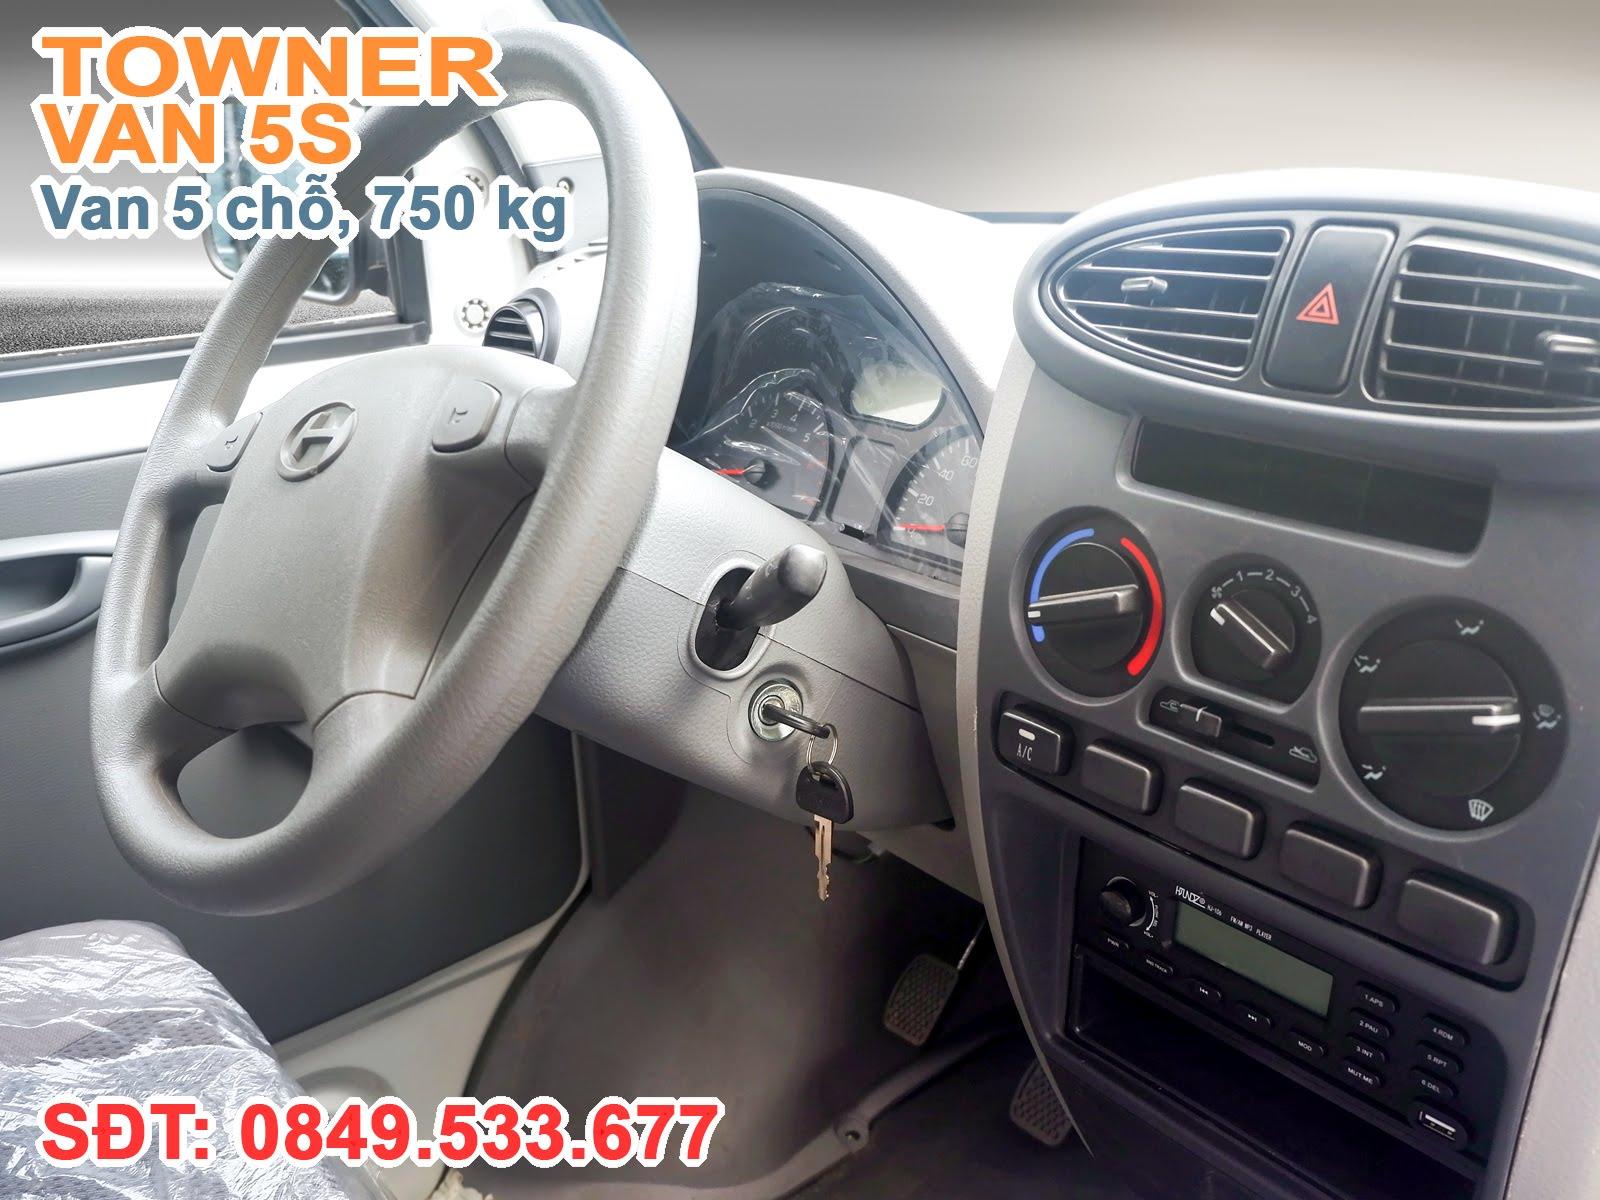 Xe Thaco Towner Van 5S được trang bị Hệ thống lái trợ lực điện (EPS)